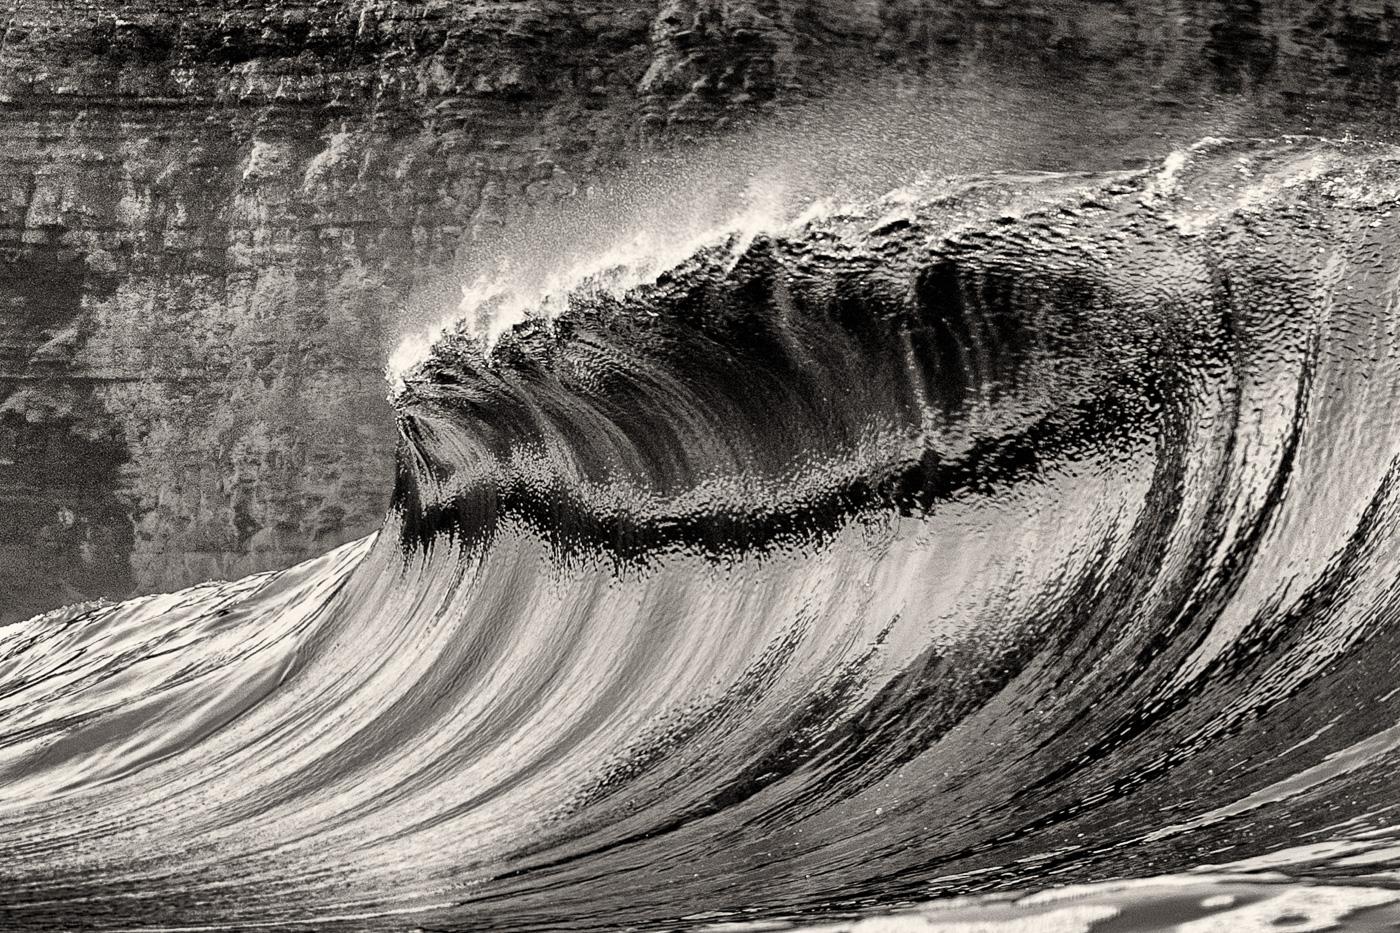 big wave ireland black and white